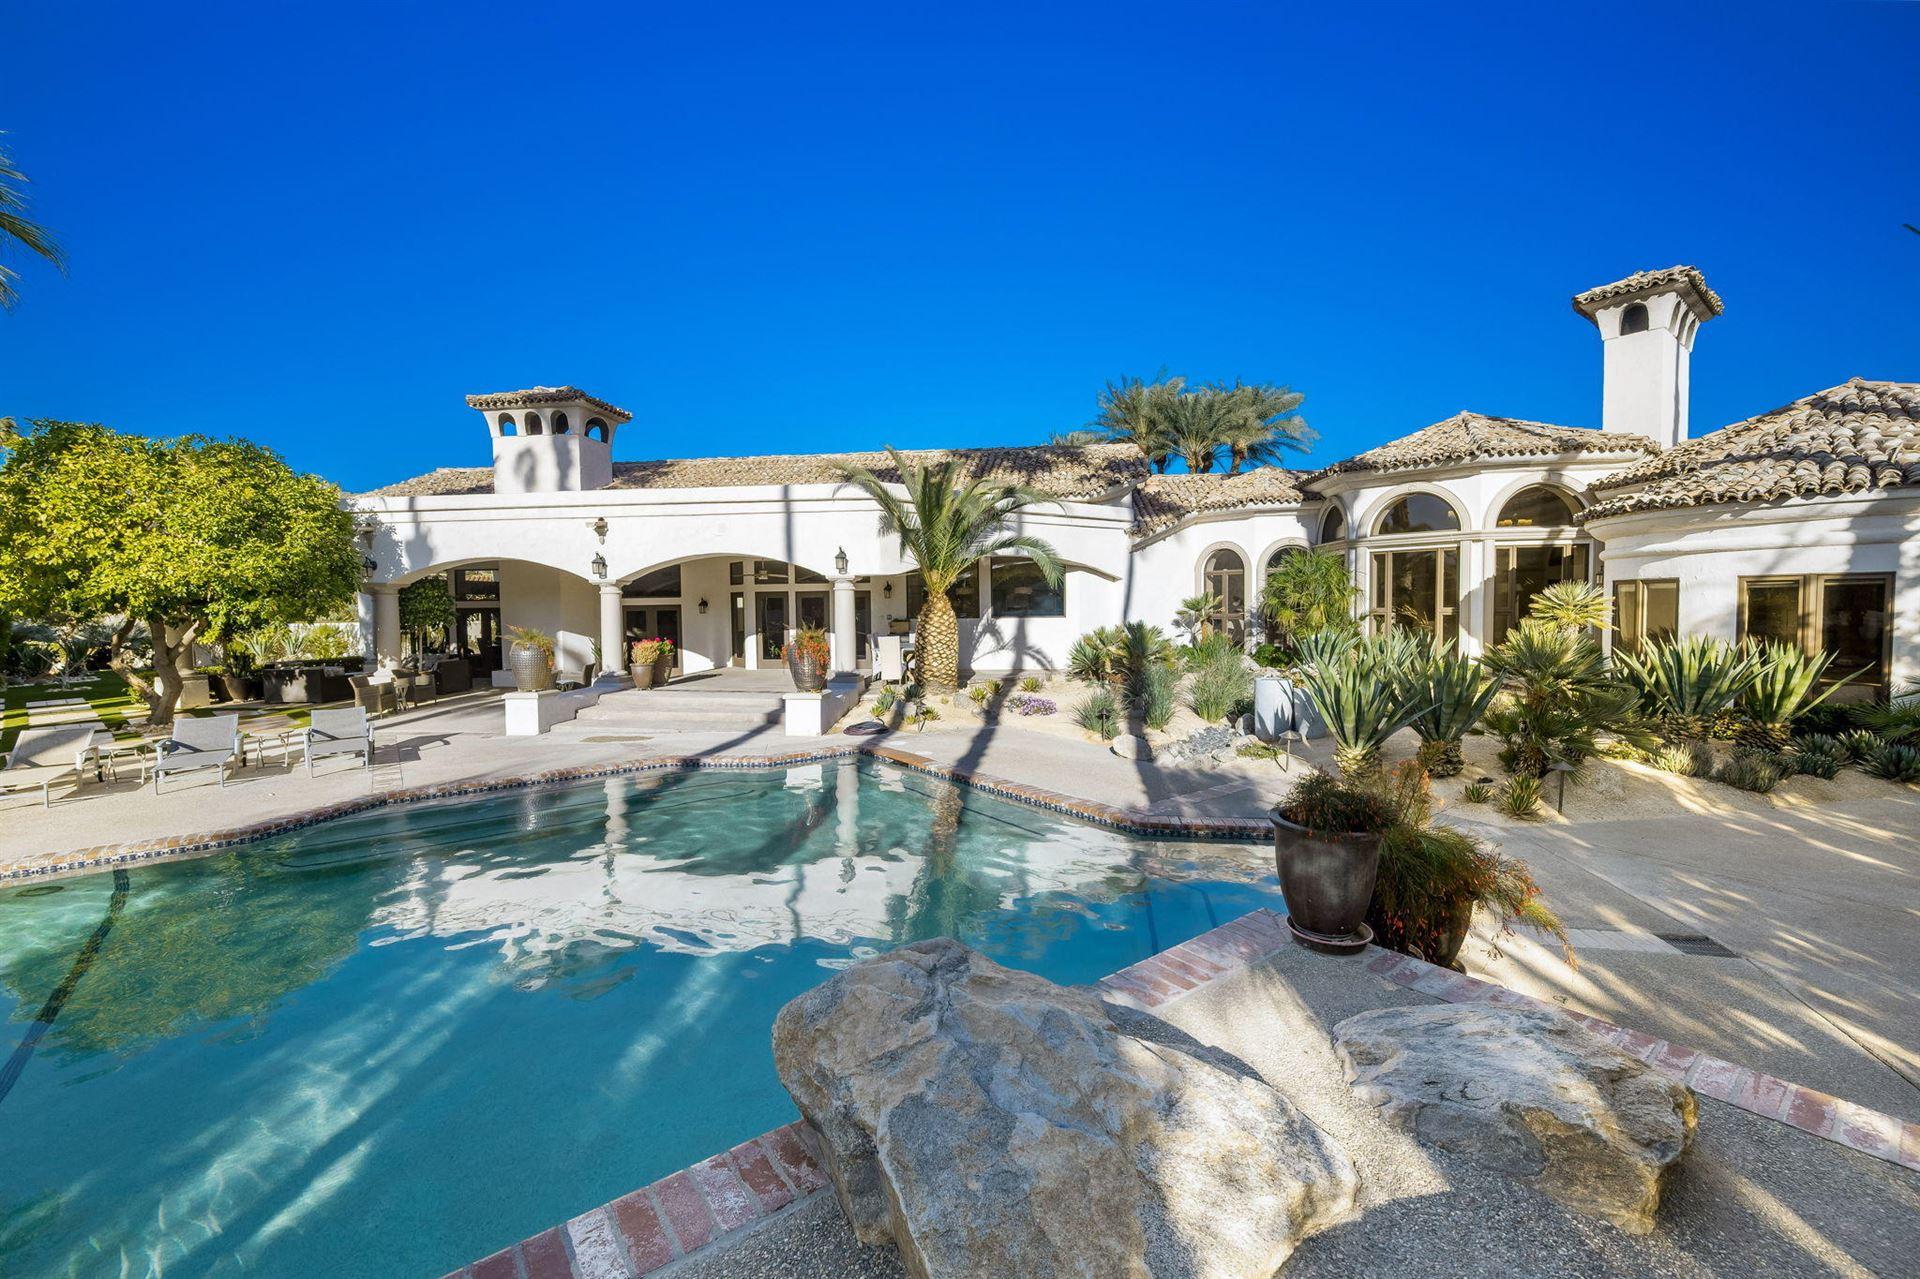 40475 Morningstar Road, Rancho Mirage, CA 92270 - MLS#: 219057706